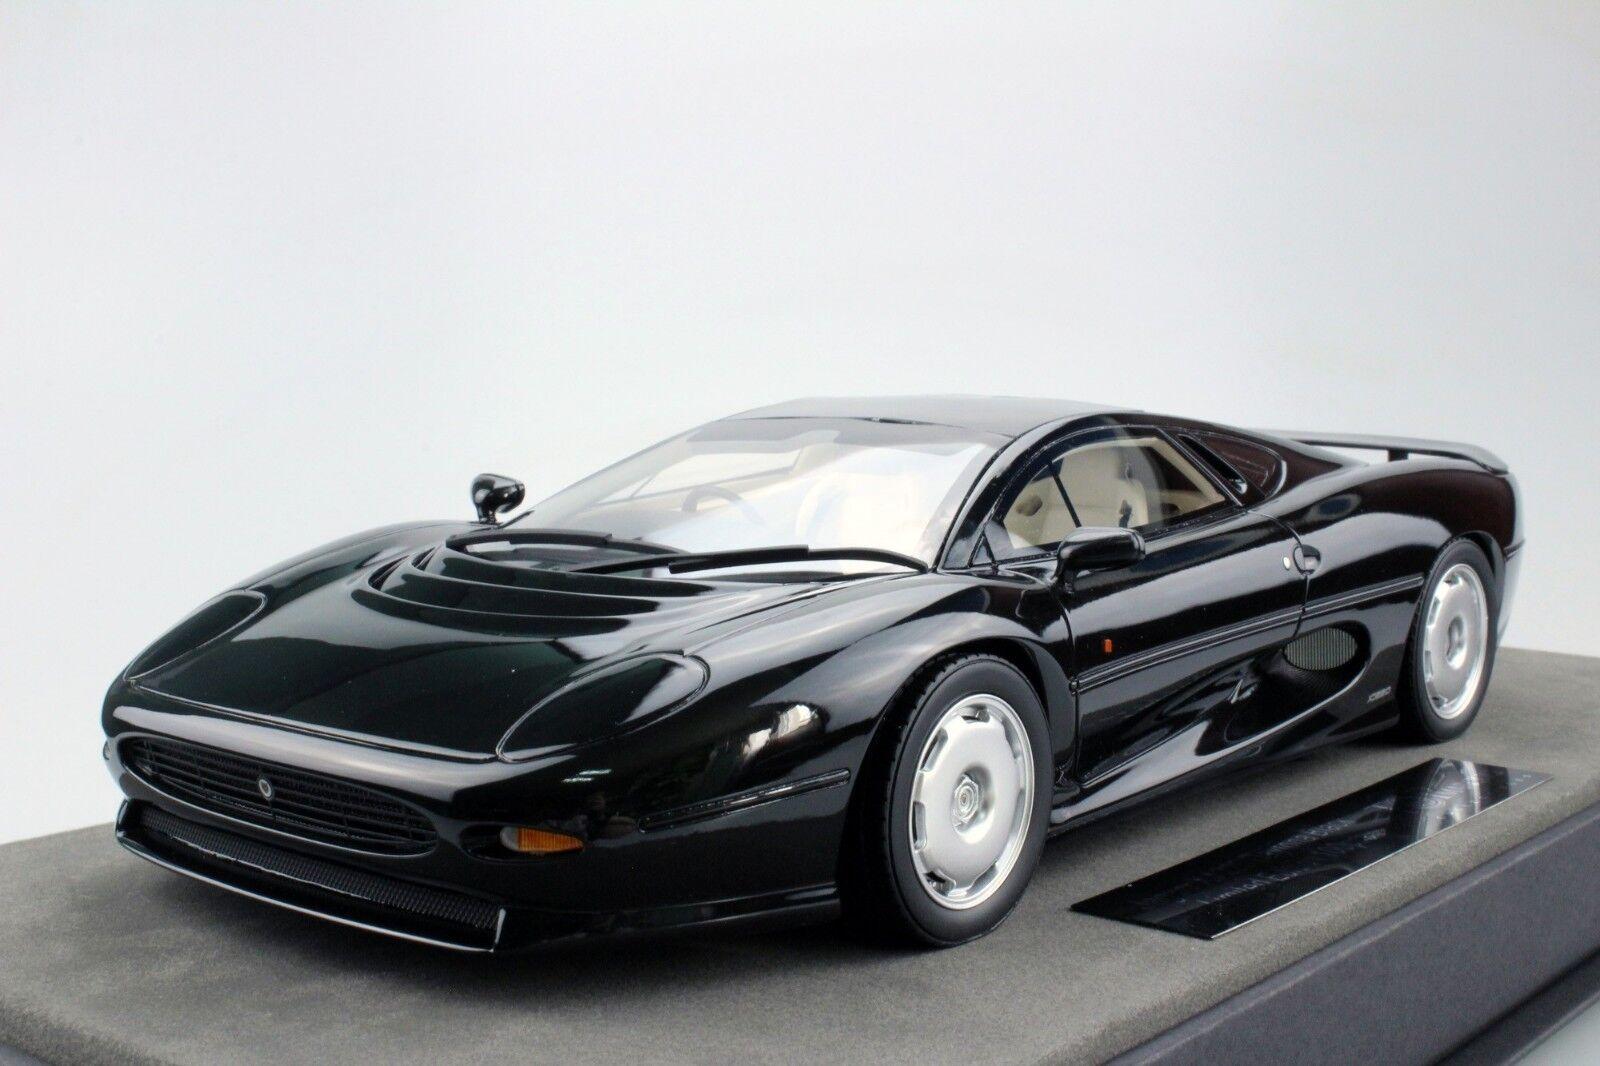 top Marques 1992 Jaguar XJ 220 Schwarz 1 18 Maßstab Le von 150 Neu Ausgabe   RAR